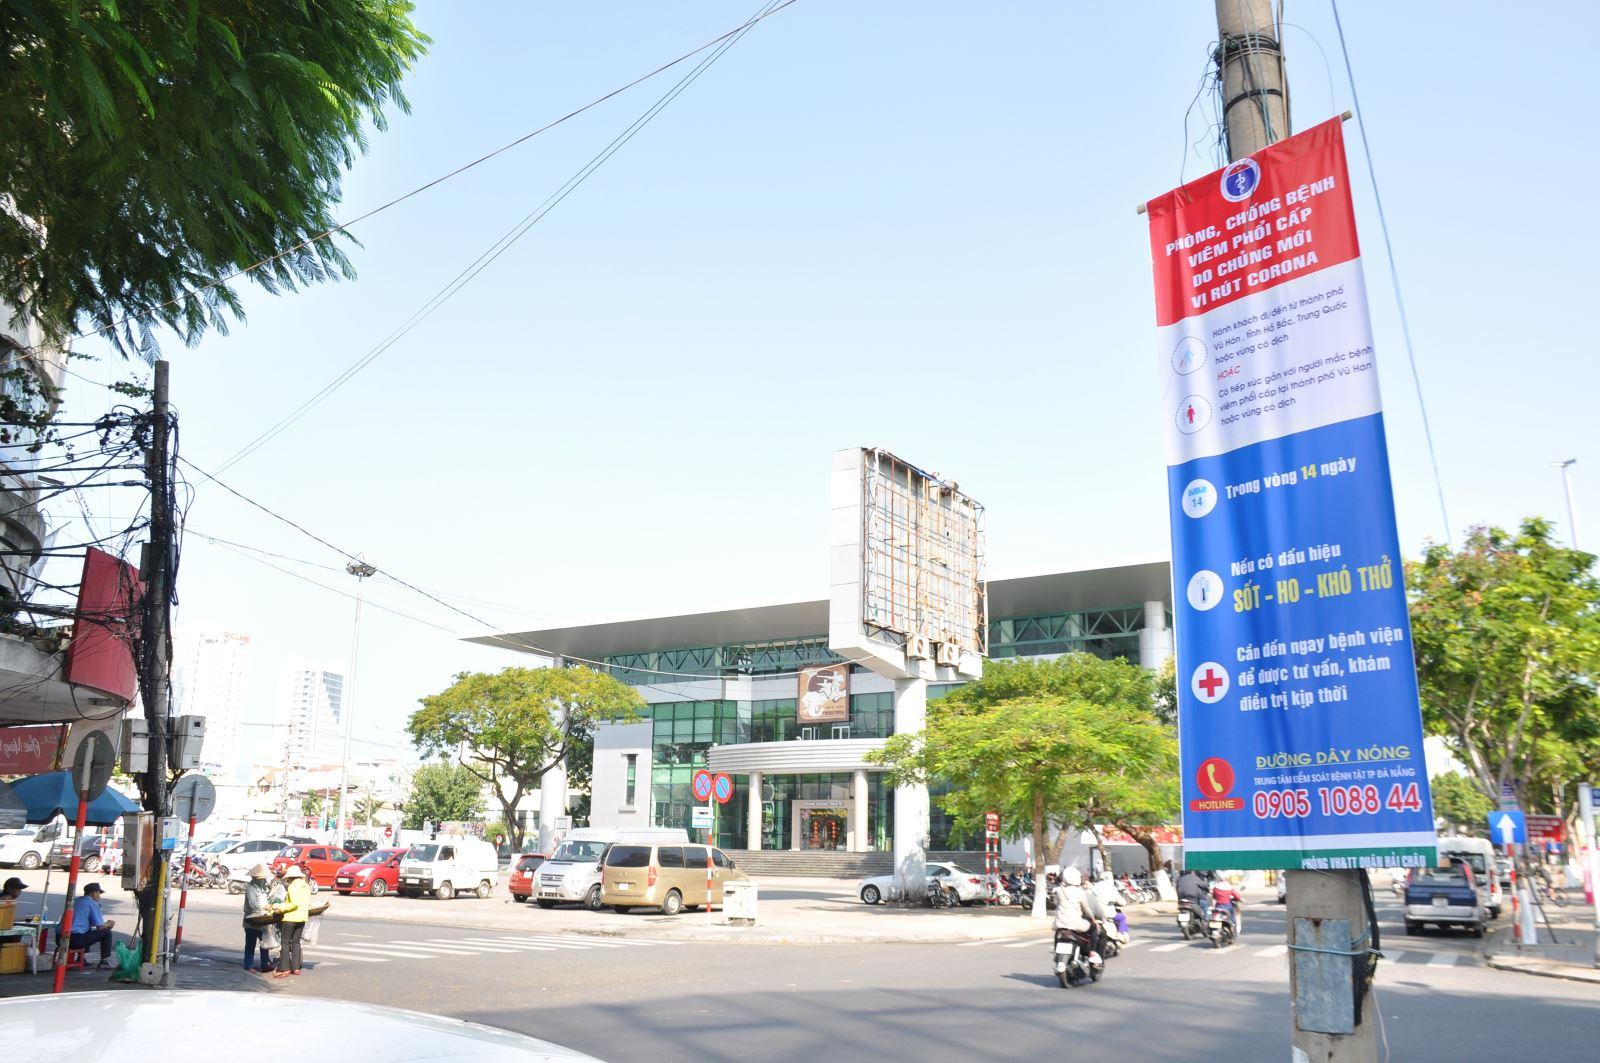 Hội Doanh nhân trẻ Đà Nẵng đề nghị xem xét miễn, giảm thuế cho doanh nghiệp